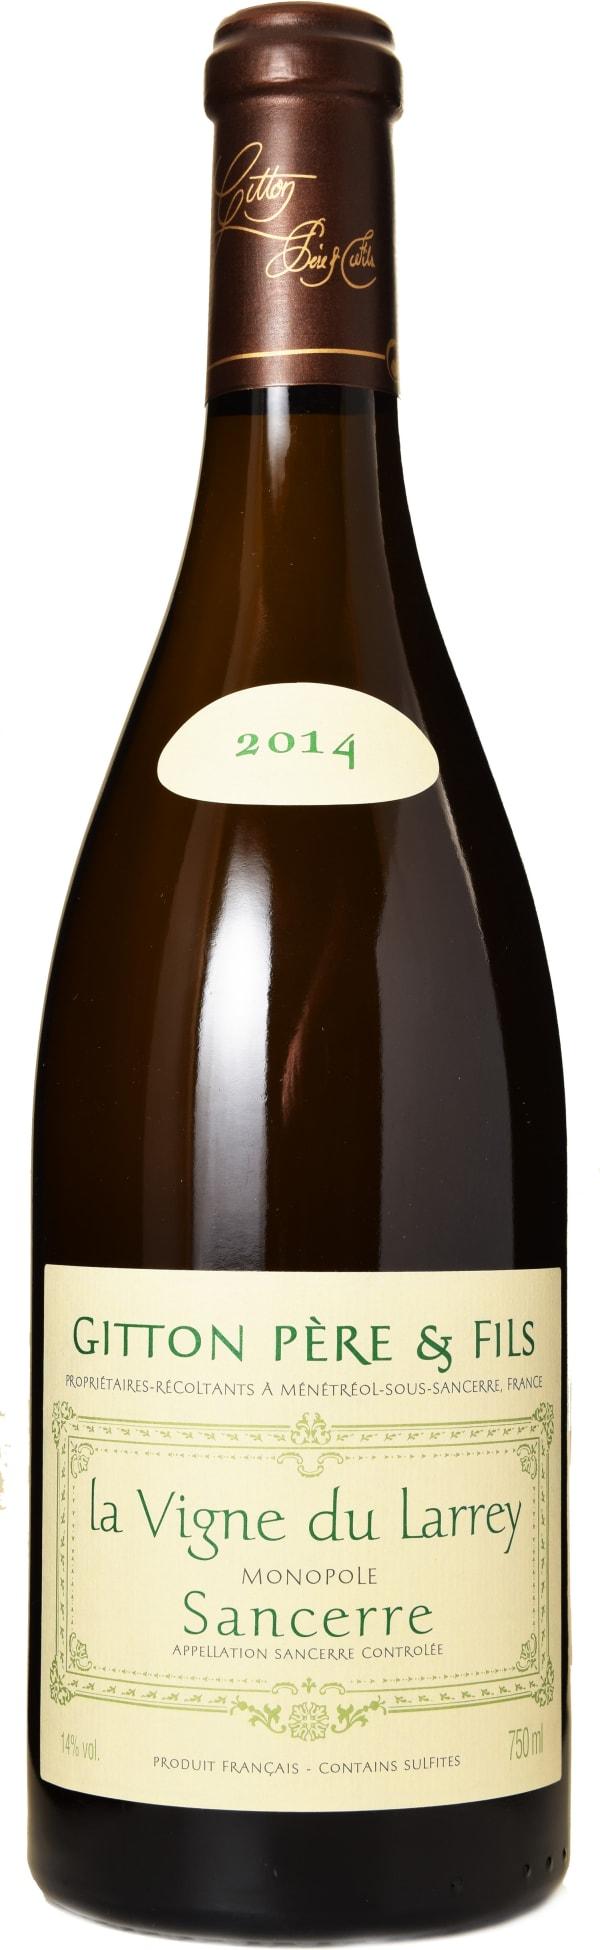 Gitton Père & Fils Sancerre la Vigne du Larrey 2012